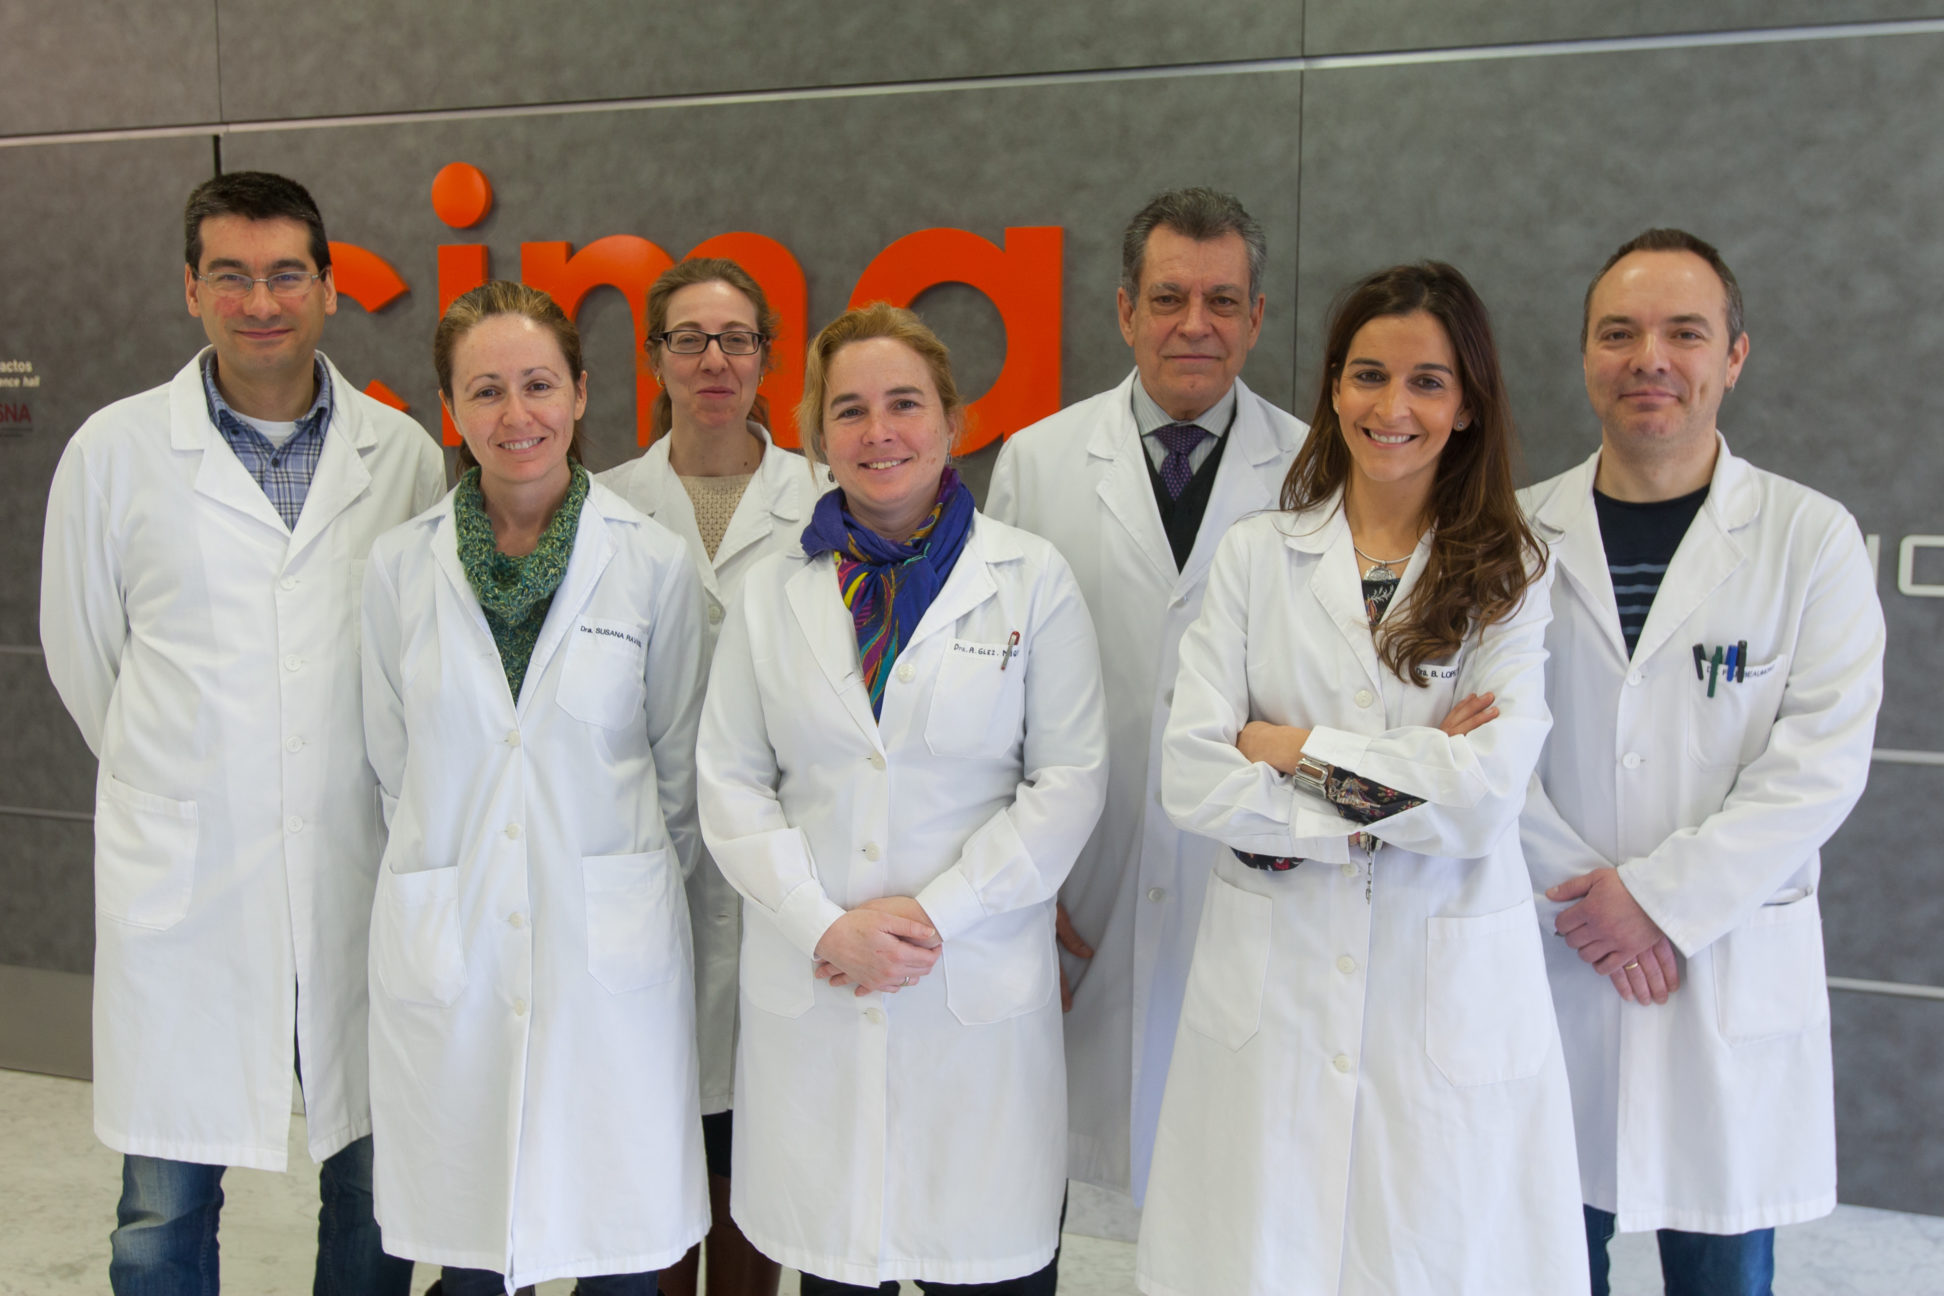 LIPCAR: un biomarcador no invasivo que predice el riesgo cardiovascular